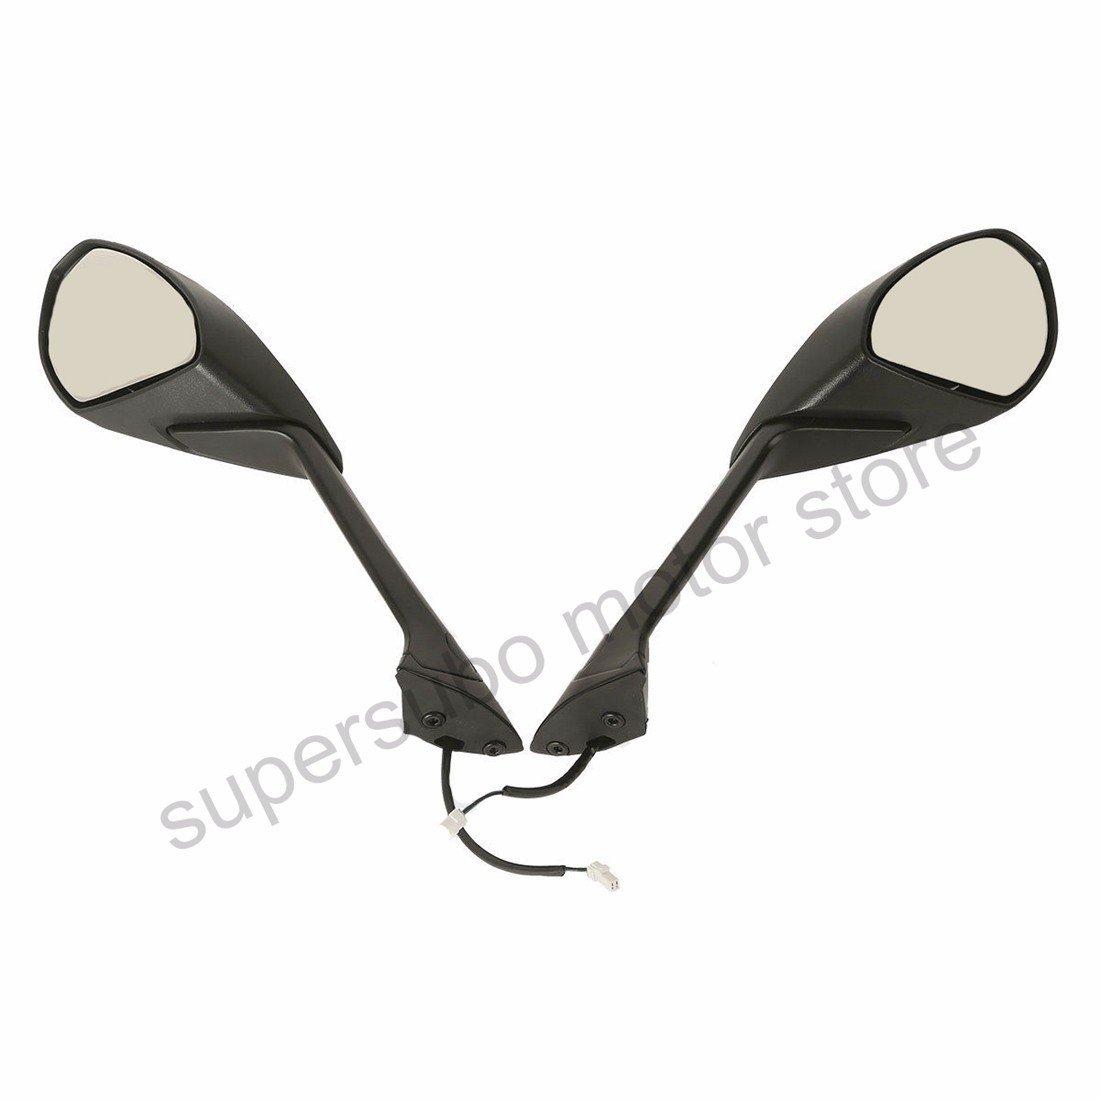 Specchietti retrovisori laterali per Ducati Panigale 1199 S R 12 13 14 899 2014 2015